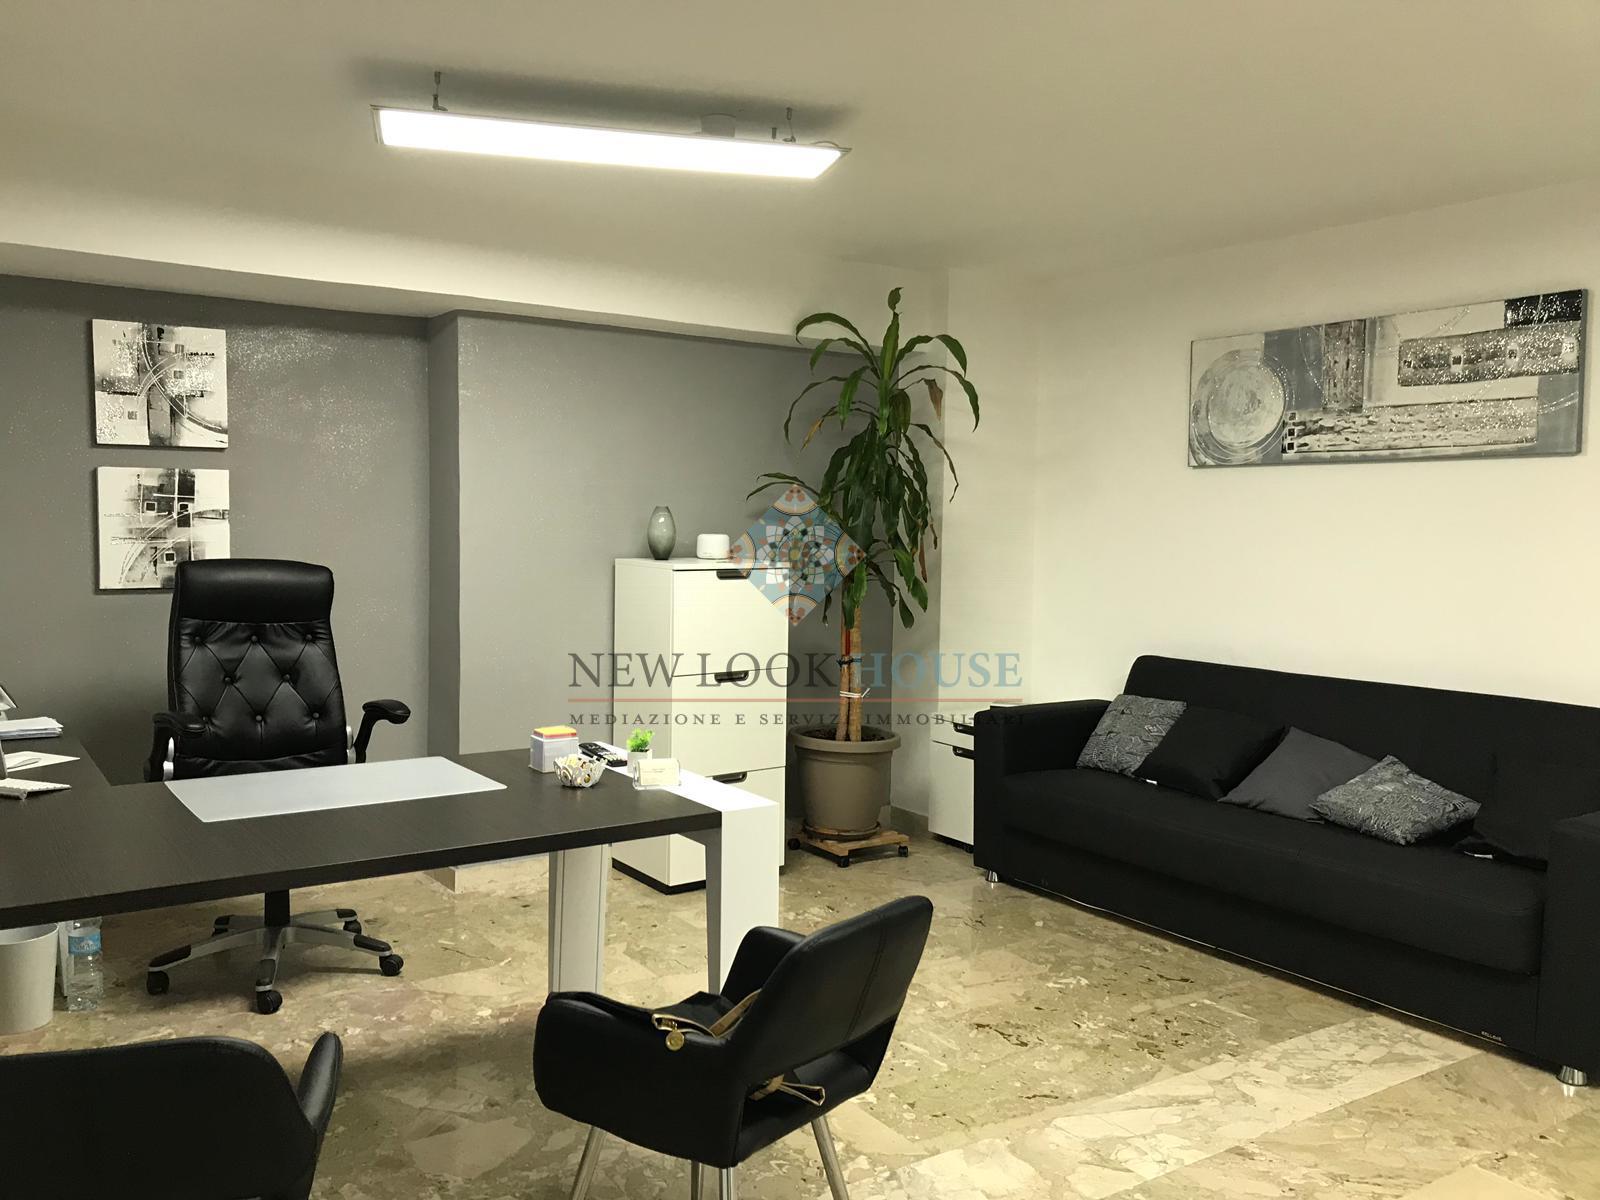 Uffici in affitto a Palermo | ImmobiliOvunque